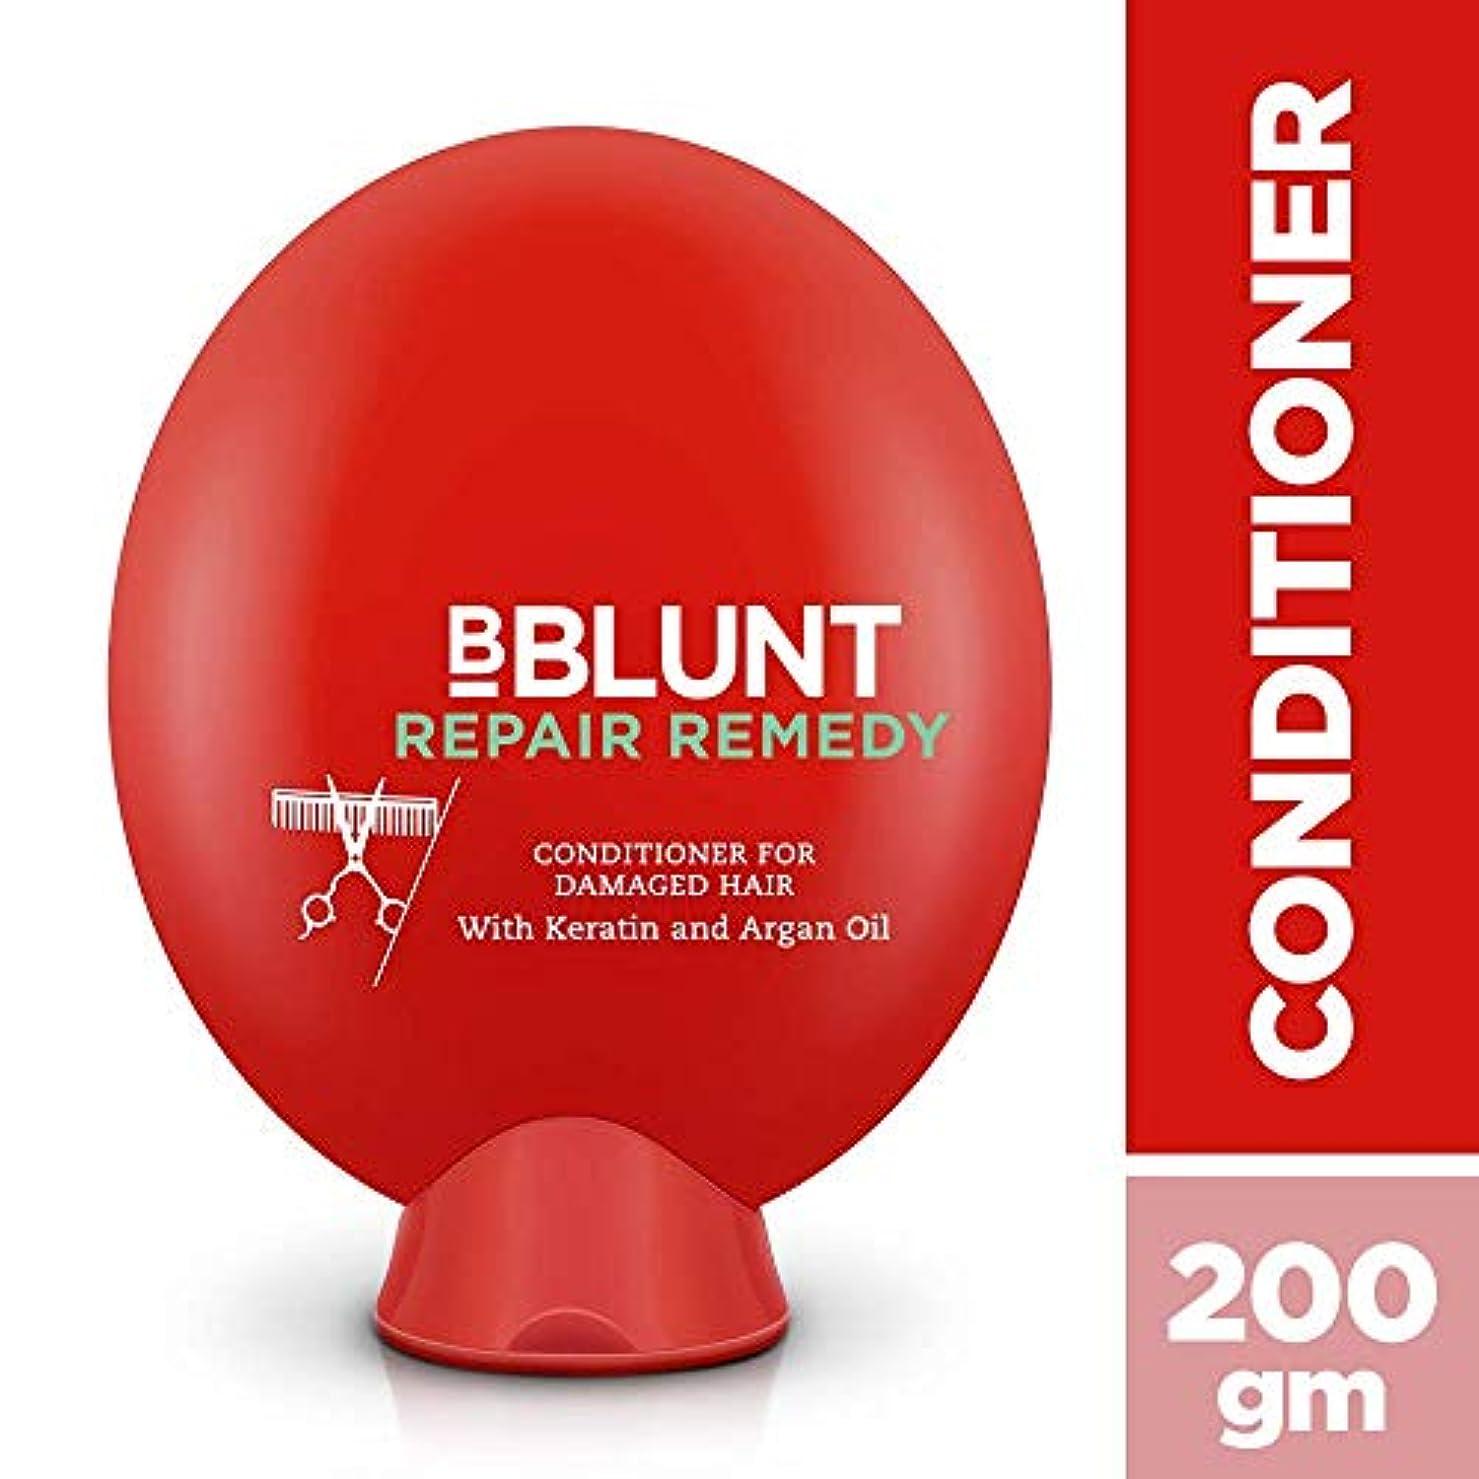 老朽化した手を差し伸べる幽霊BBLUNT Repair Remedy Conditioner for Damaged Hair, 200g (Keratin and Argan Oil)